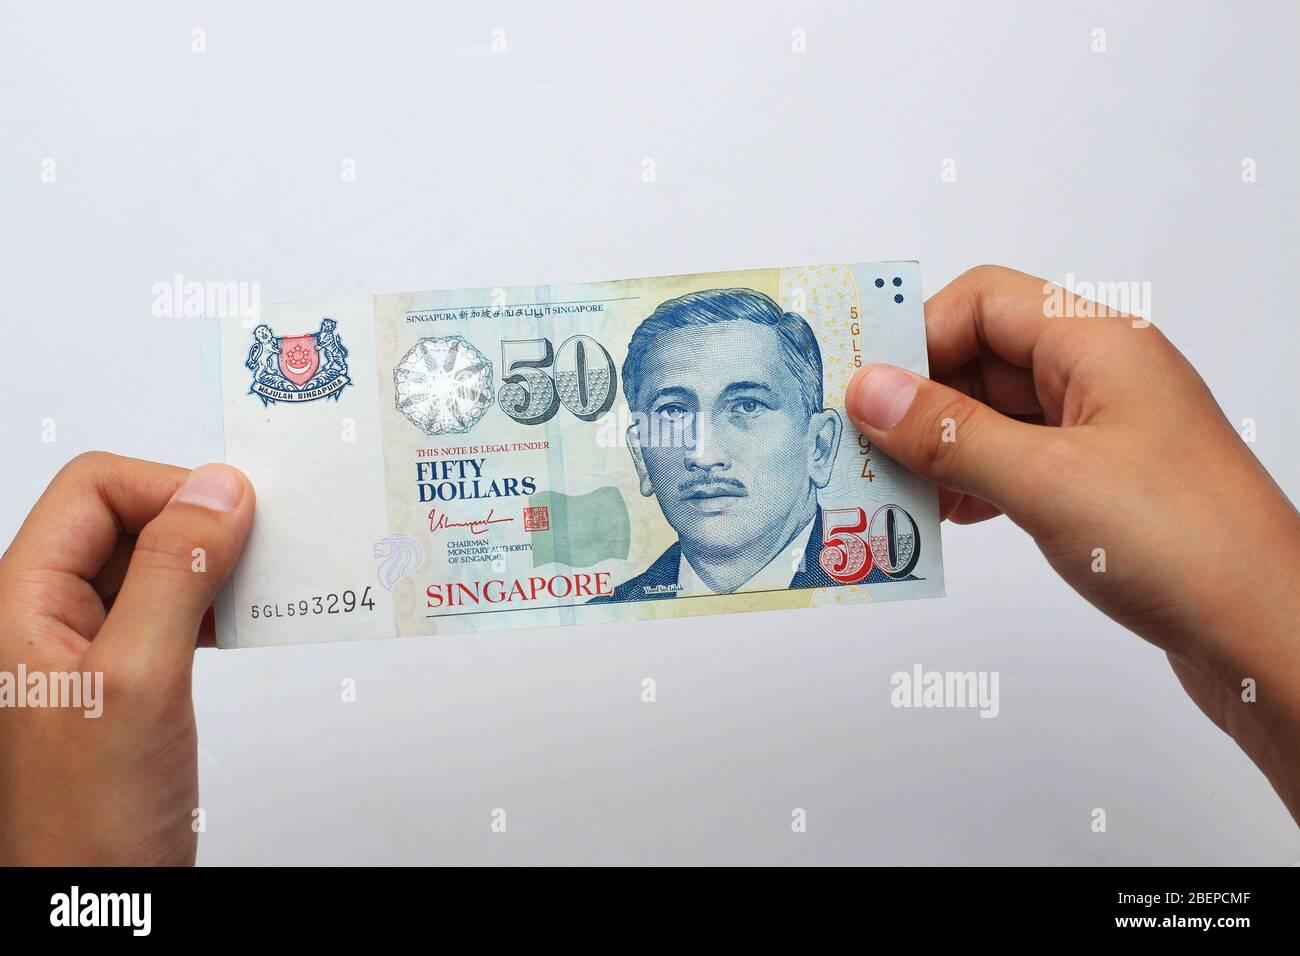 PHOTO DE LA BOURSE : cinquante dollars Singapouriens, billet de 50 $ en monnaie Singapourienne Banque D'Images